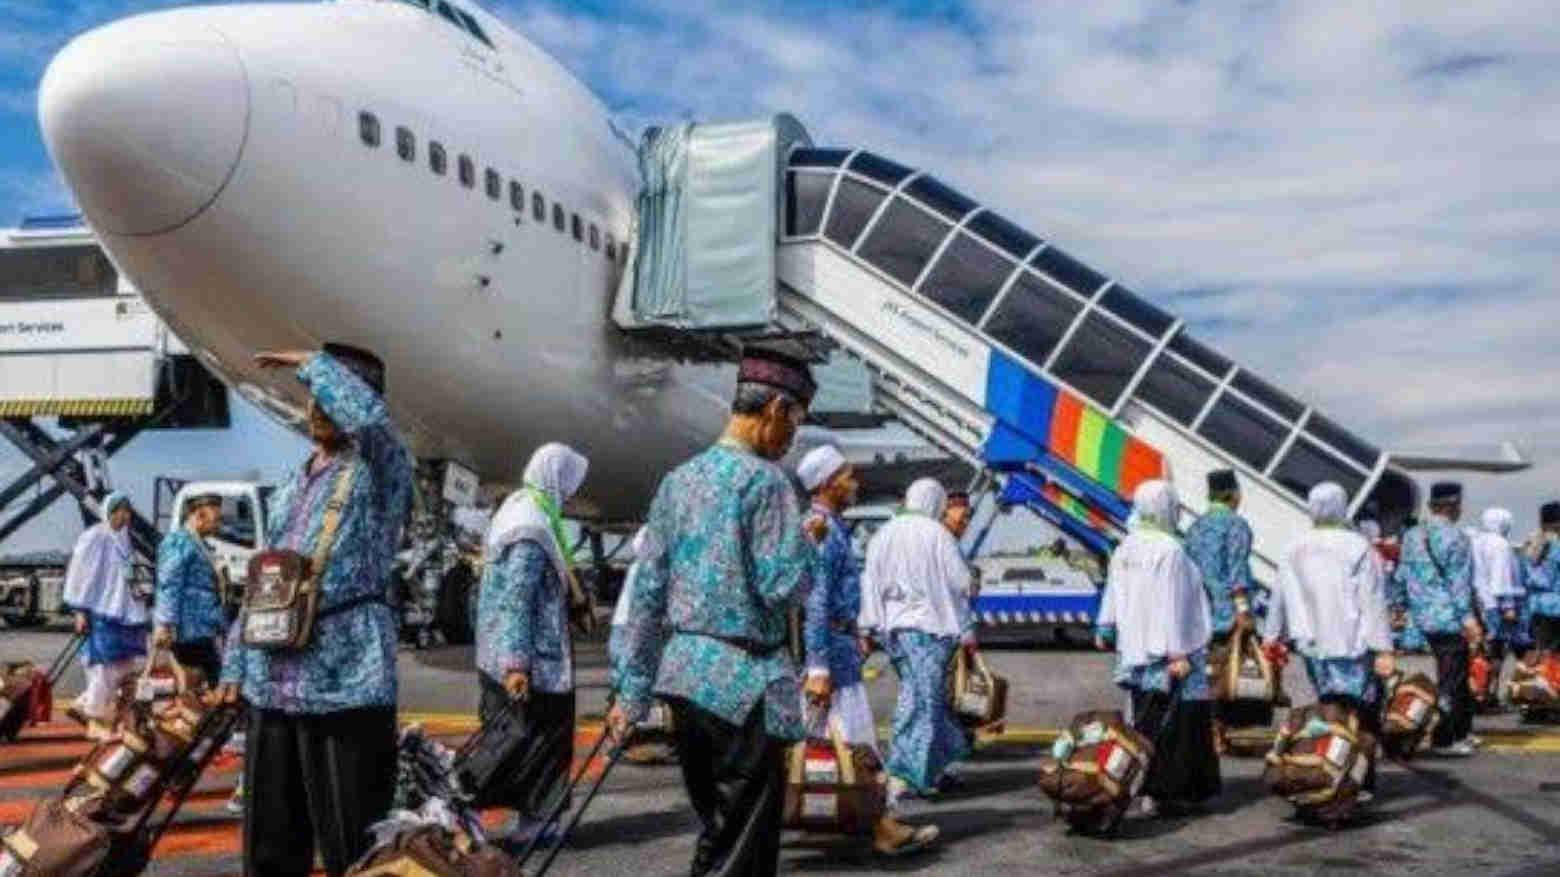 Sejarah Pertama Kali Perjalanan Haji di Indonesia Pakai Pesawat, Jemaah Bayar Rp 16.691